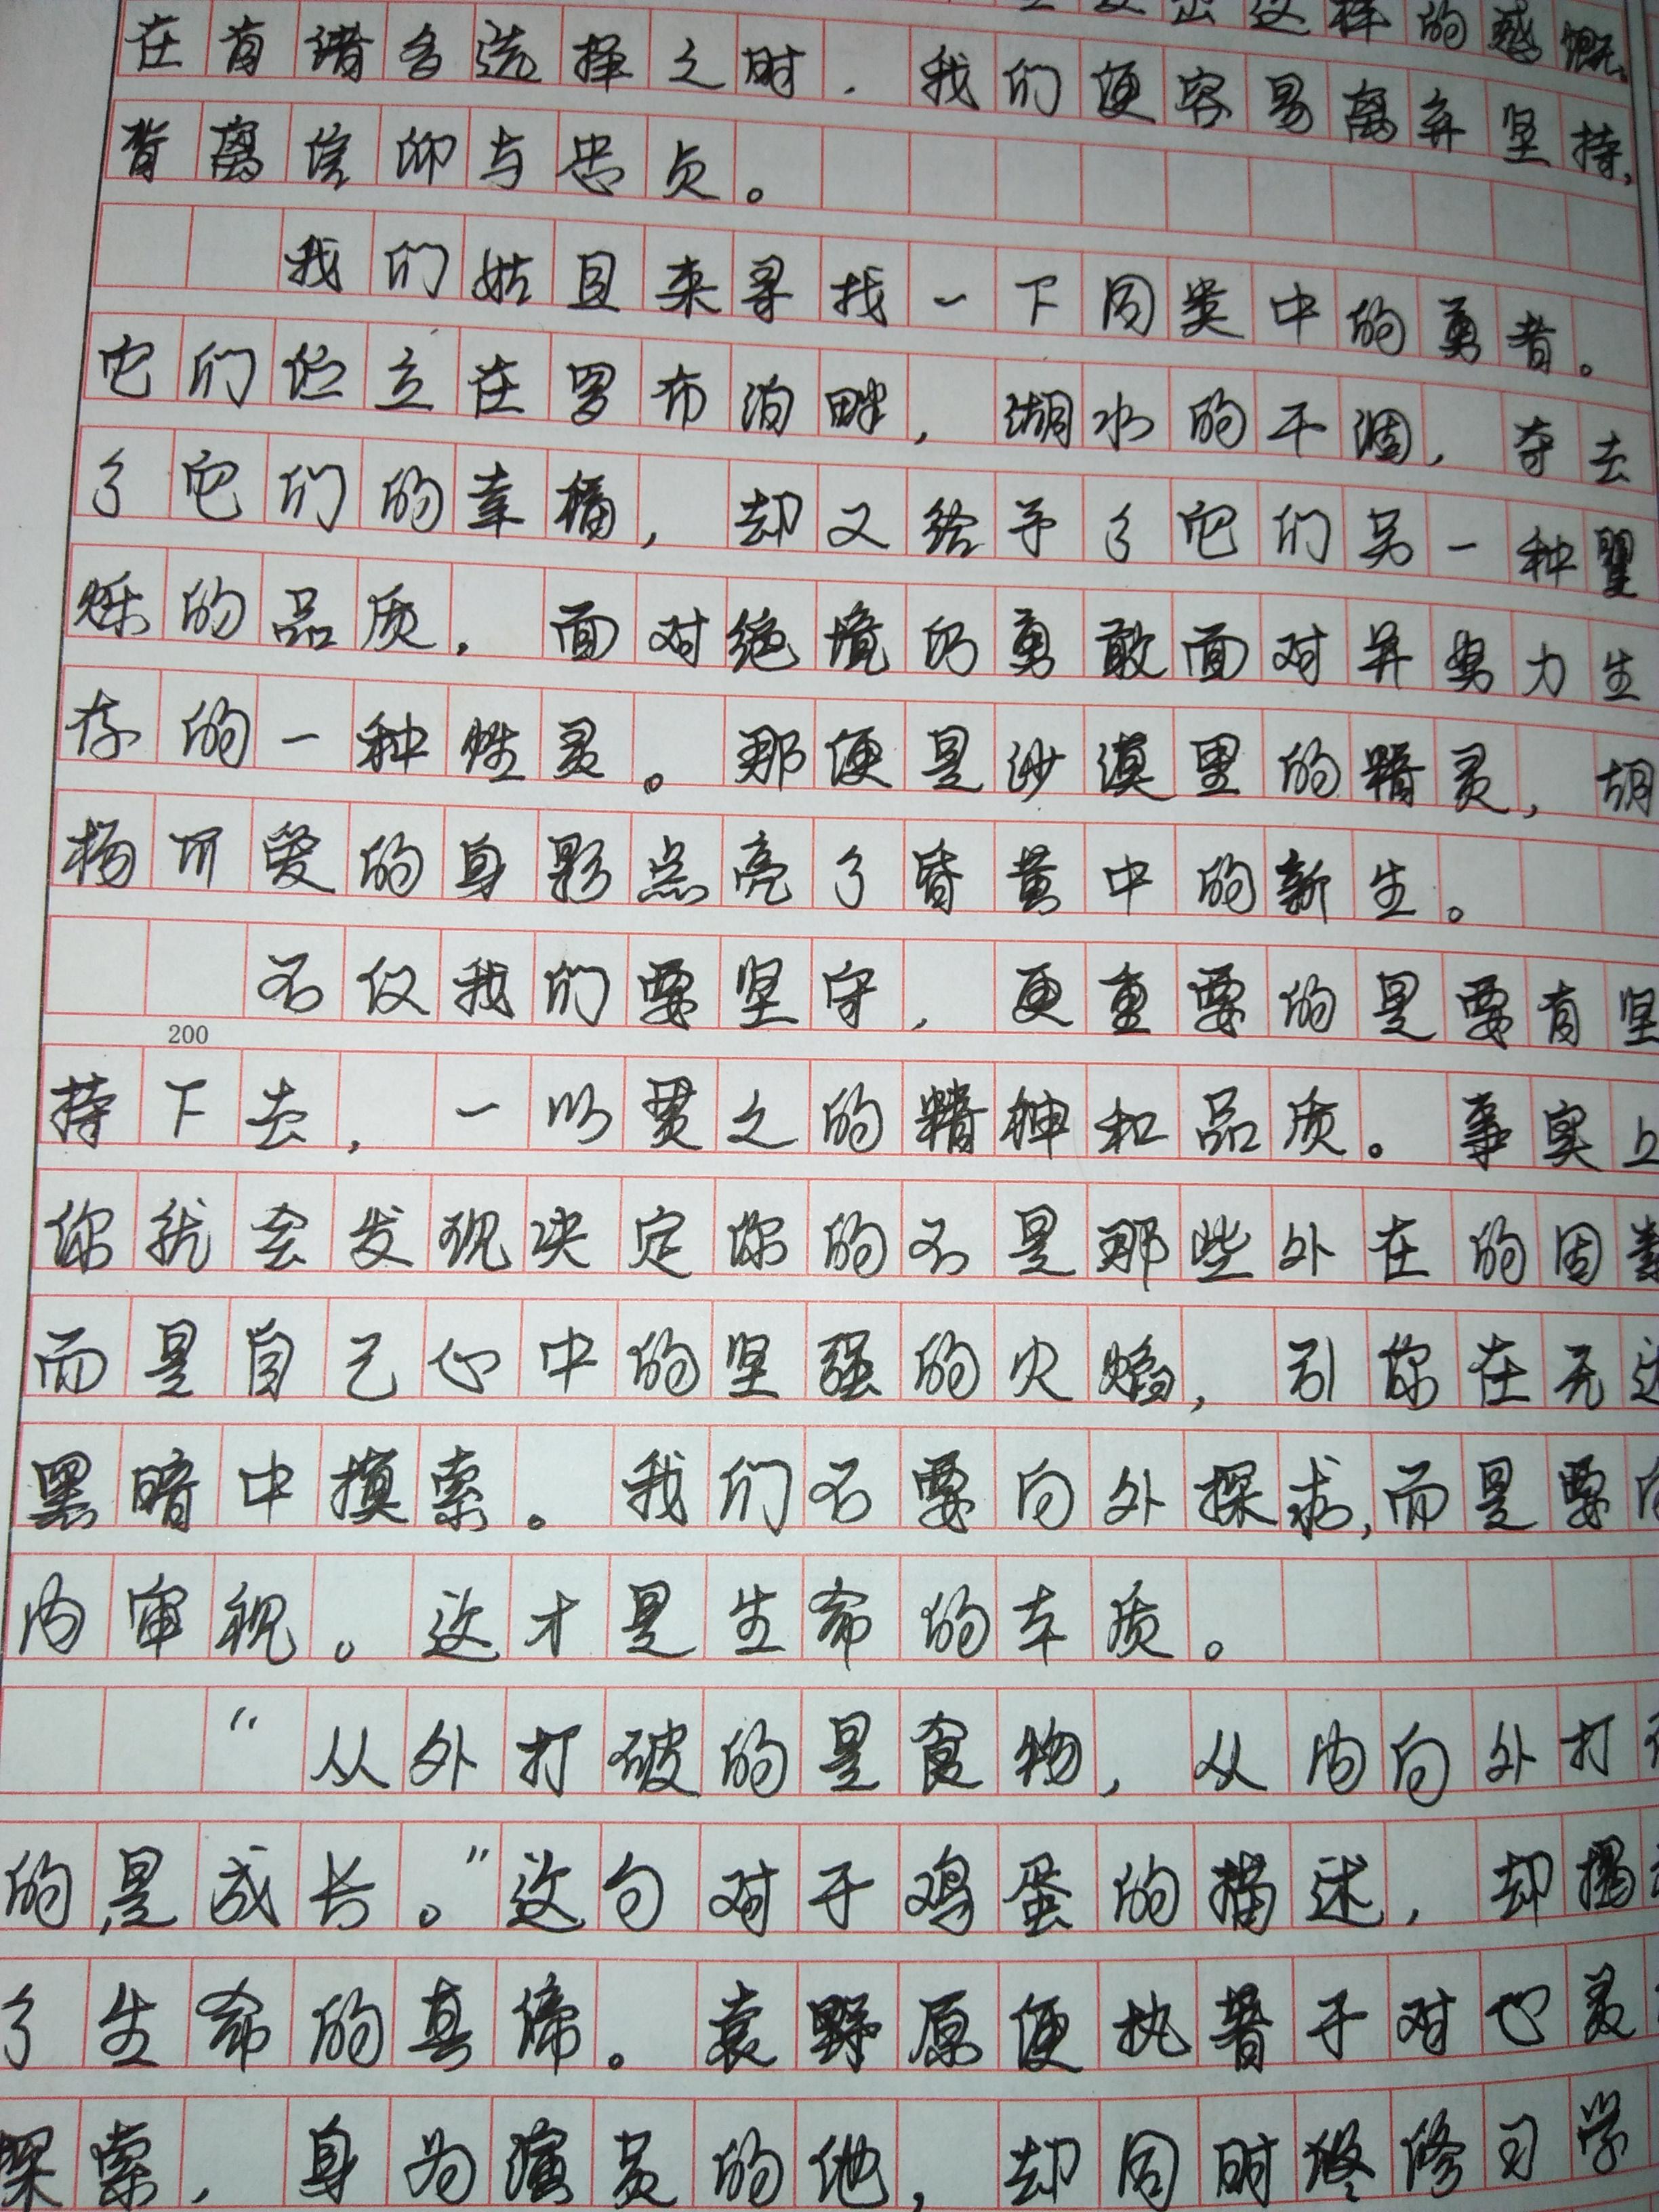 高考作文的相关问题_高三语文写作